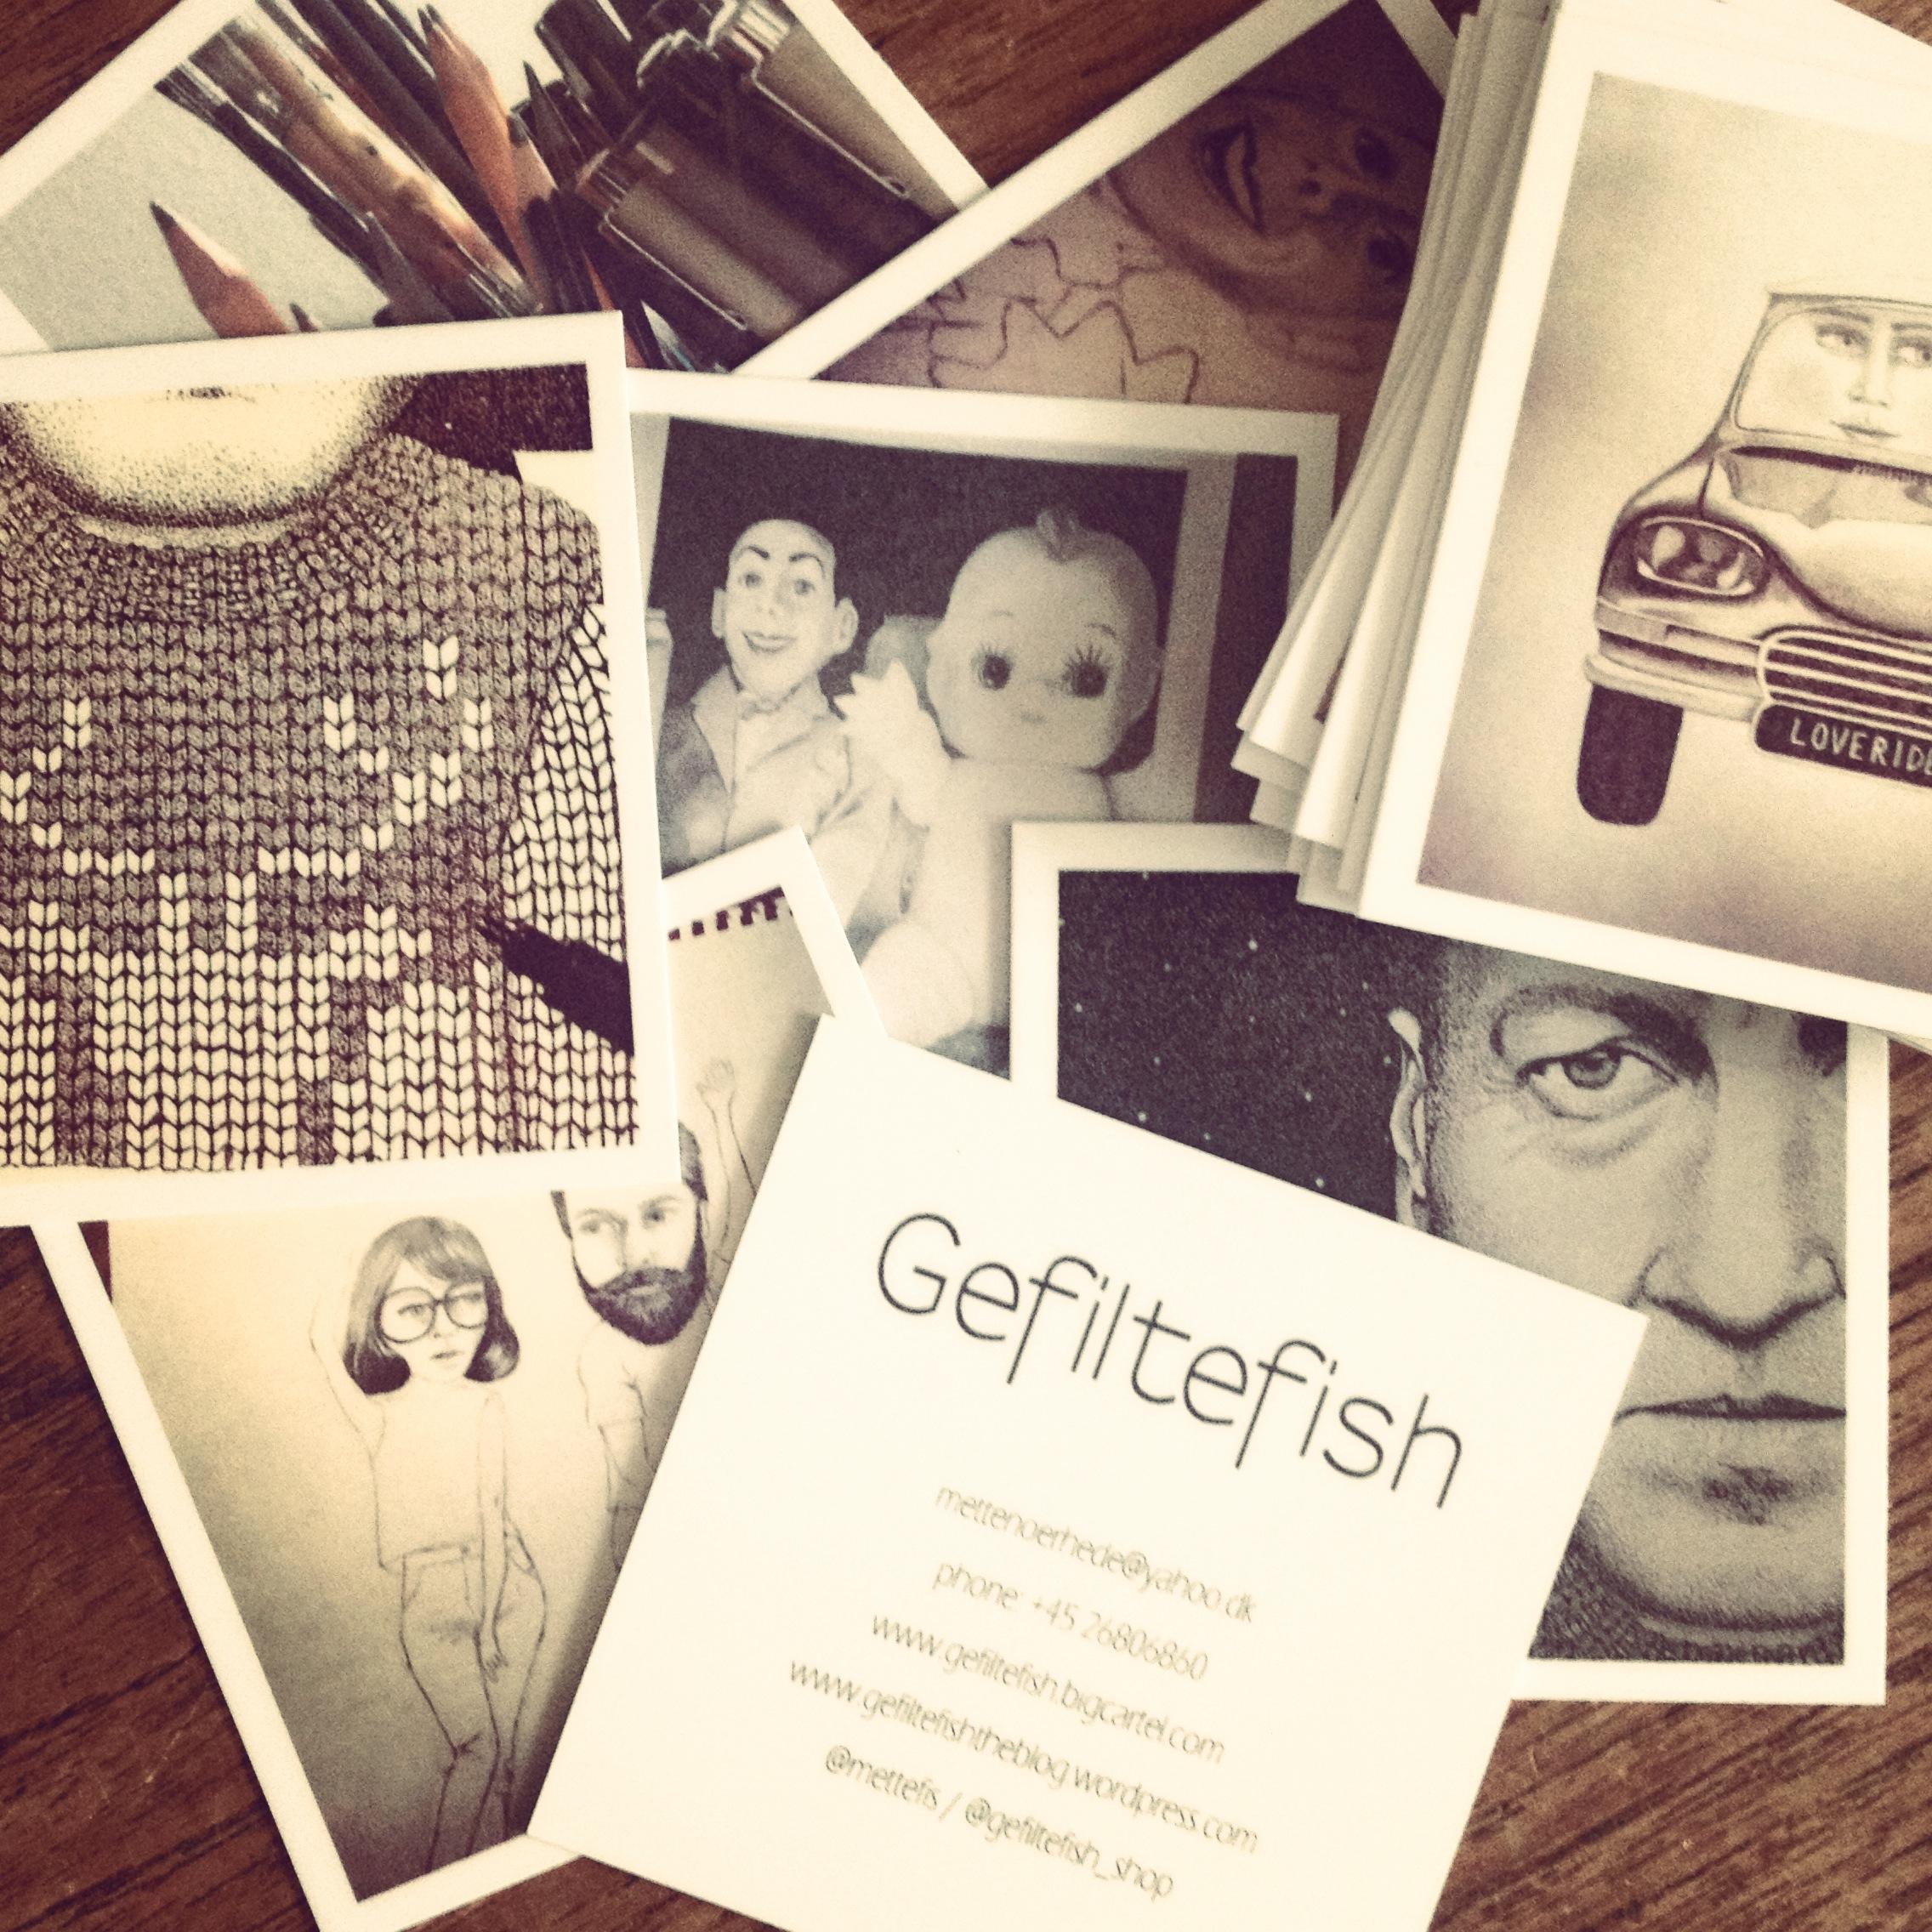 Printstagram – Gefiltefish